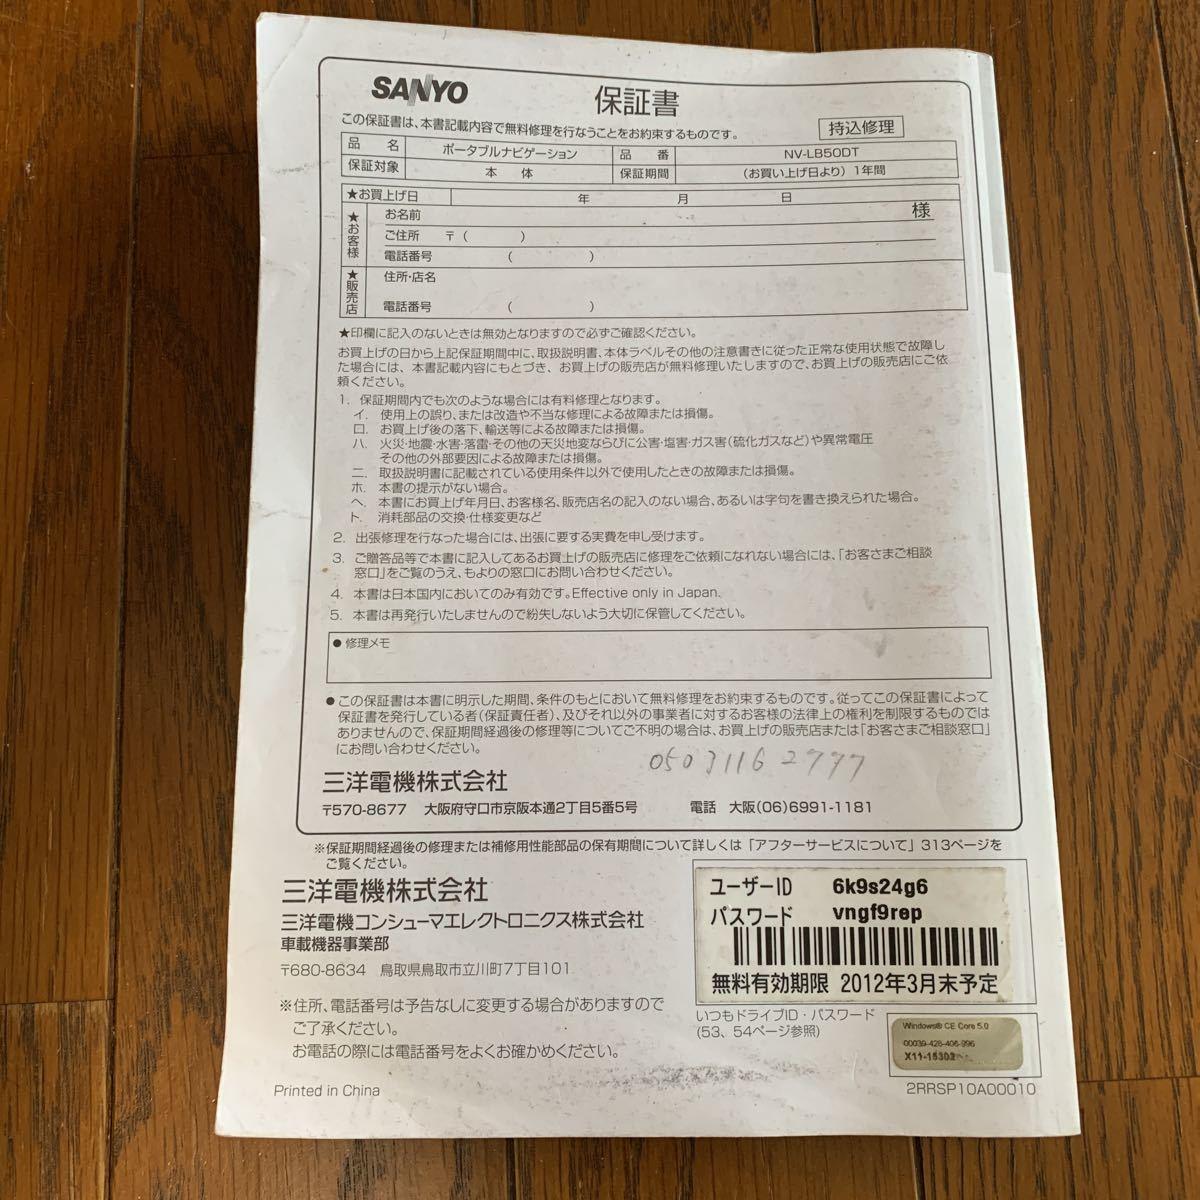 サンヨー SANYO SSDポータブルナビゲーション 品番NV-LB50DT 取扱説明書_画像2